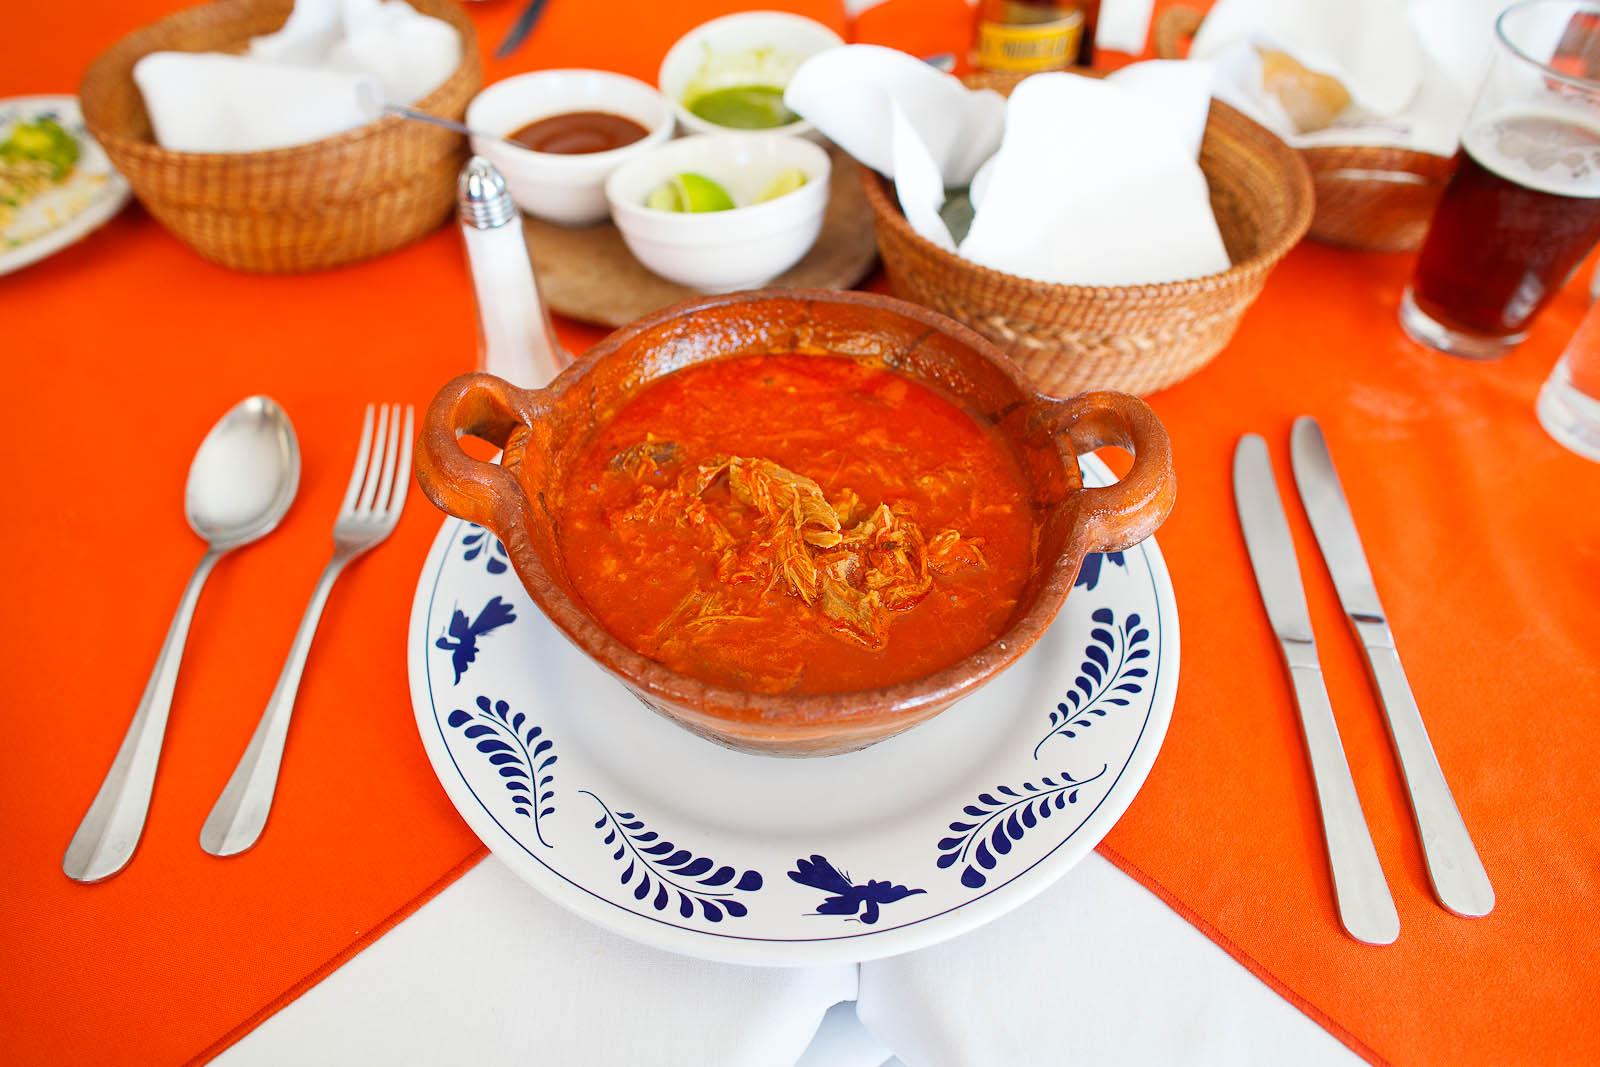 Barbacoa stew